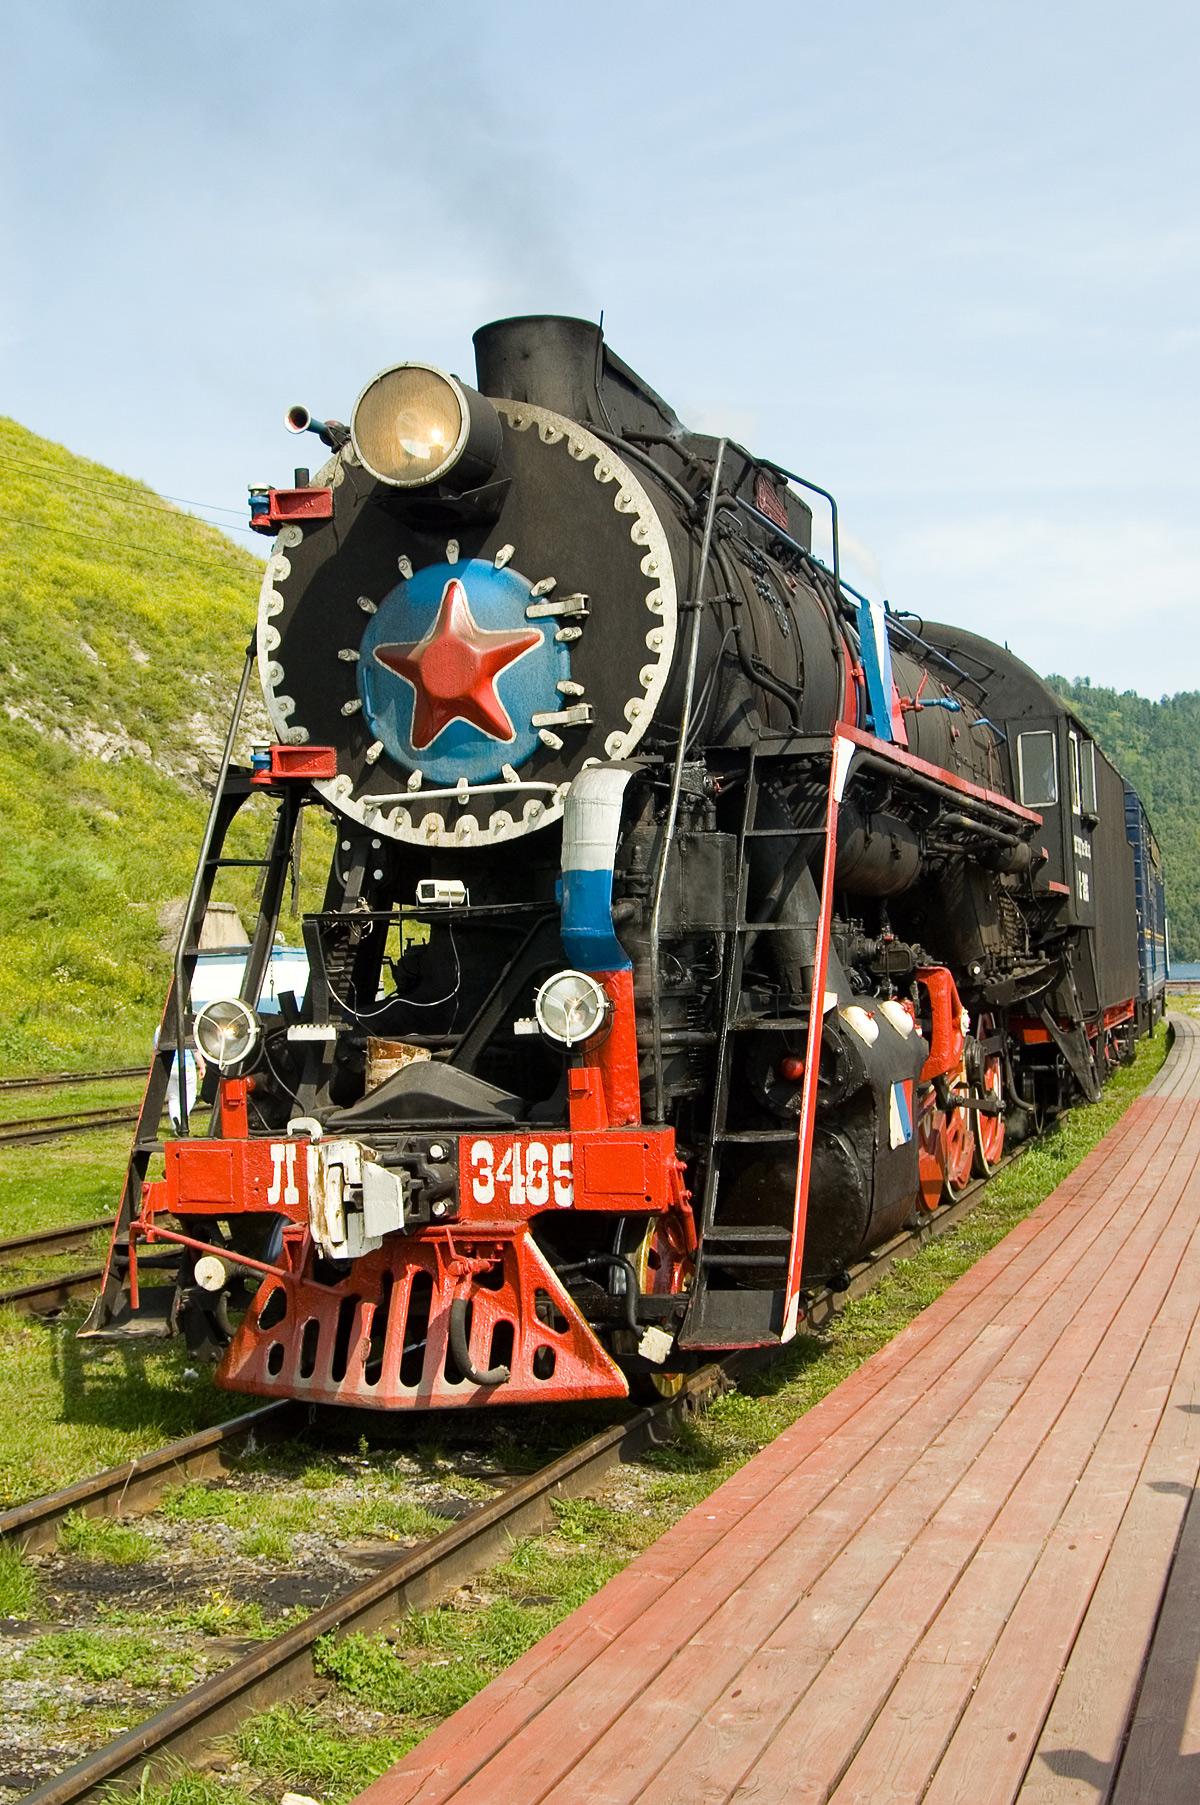 Паровоз — локомотив экскурсионного ретро-поезда на Кругобайкальской железной дороге